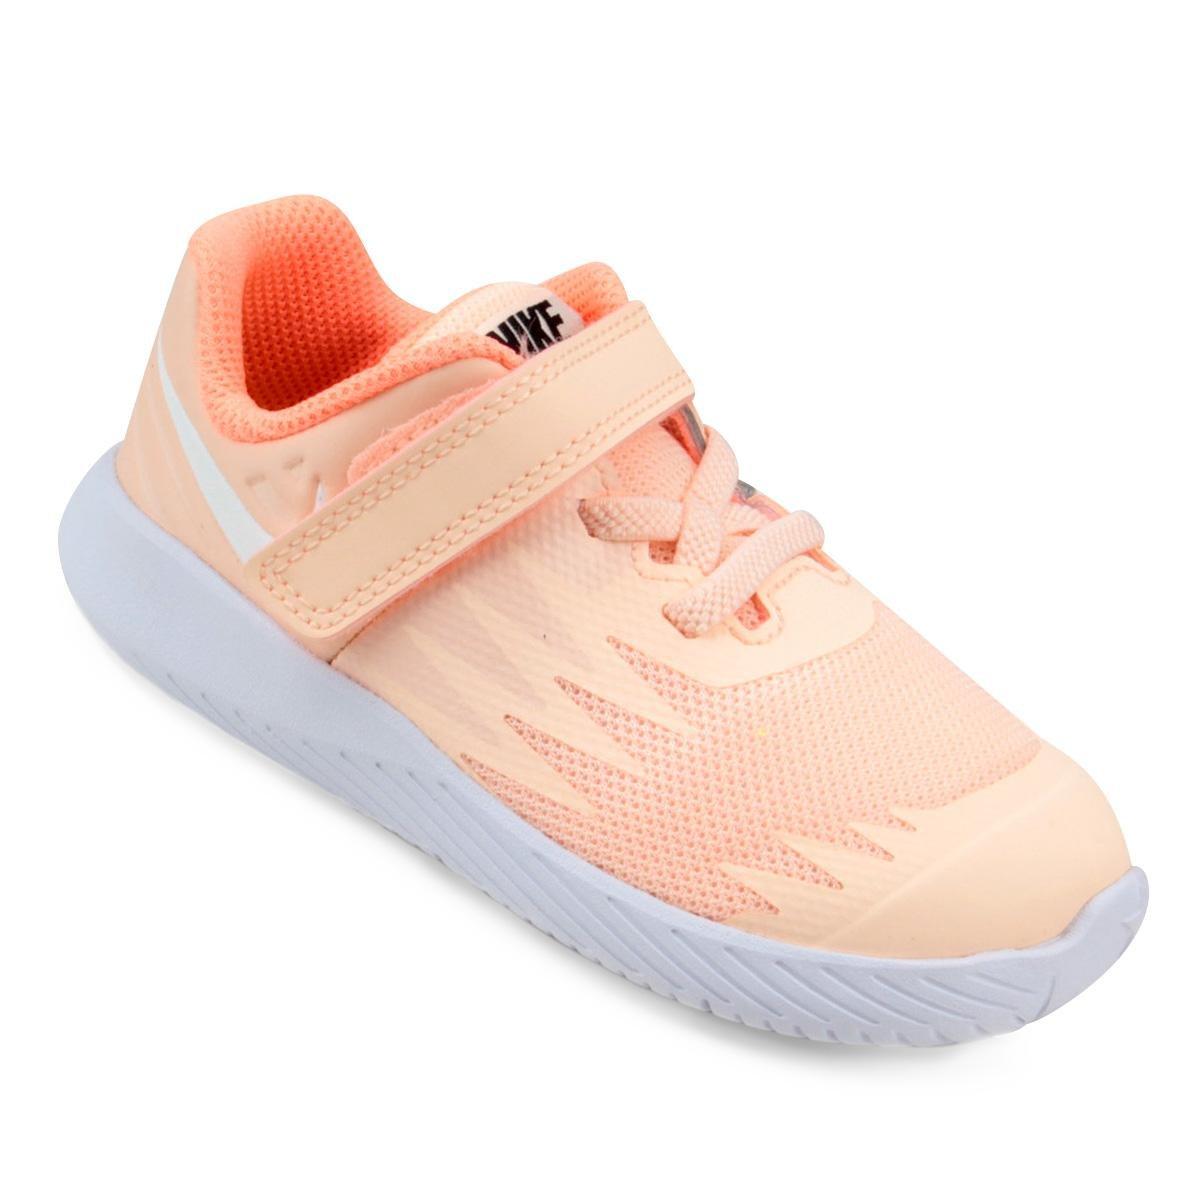 36714830a70 Tênis Infantil Nike Star Runner Feminino - Compre Agora